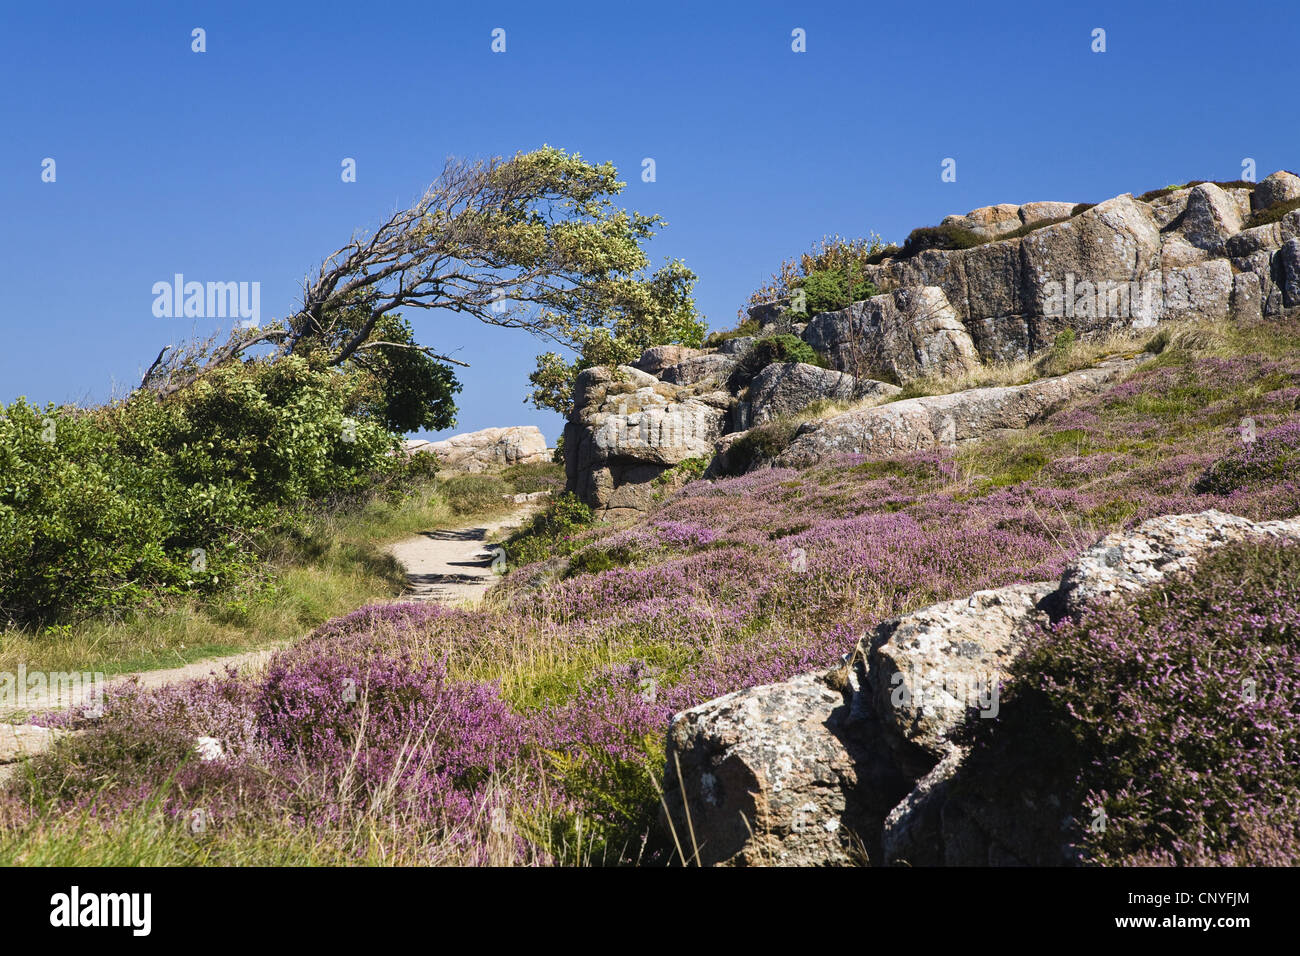 rocky coastal landscape at Hammer Odde, Hammeren, northern tip of the island, Denmark, Bornholm, Hammer Odde - Stock Image